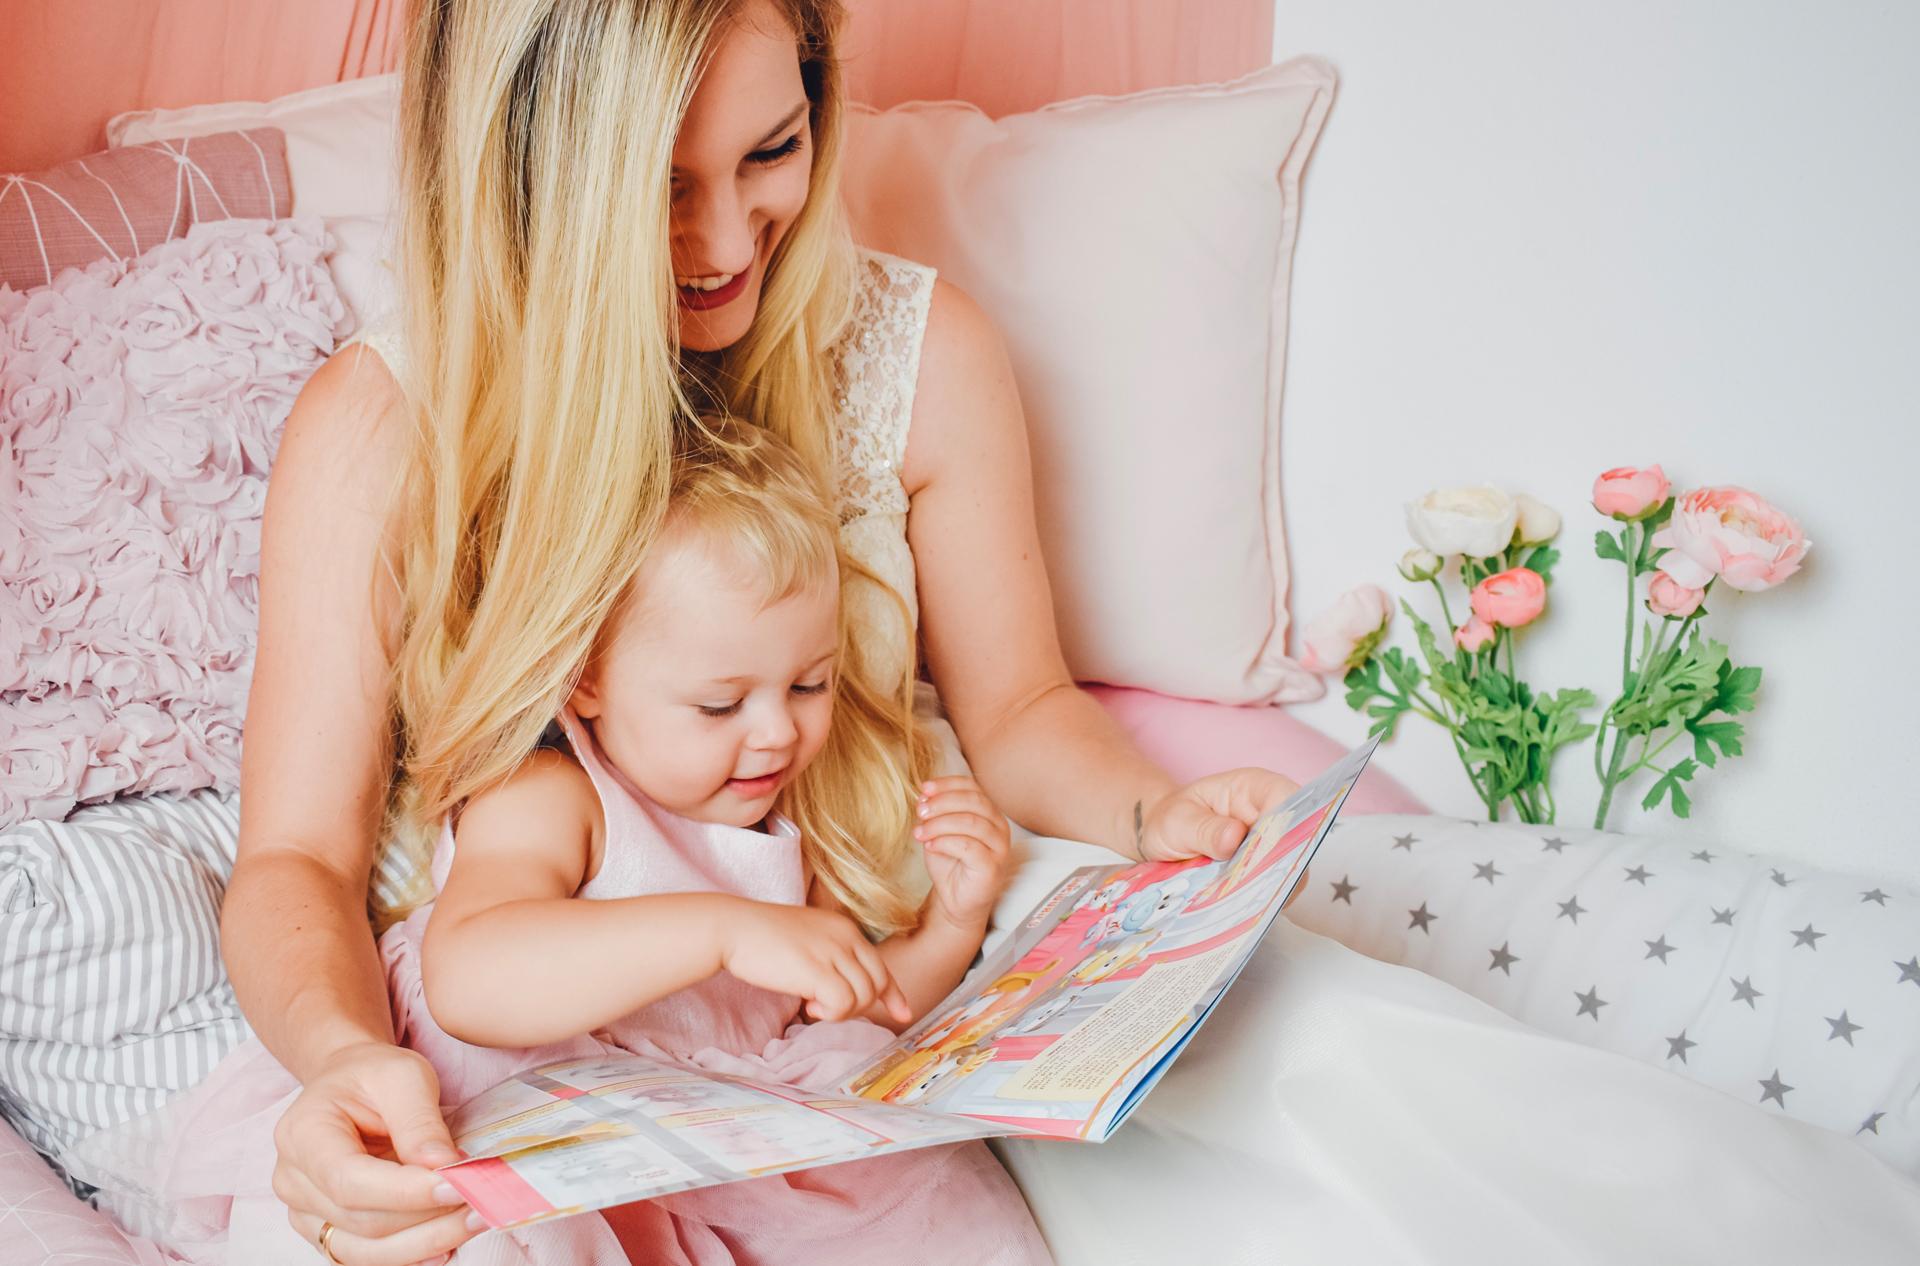 5 Tipps, wie ihr die Lese-Liebe eurer Kinder fördert inkl. gratis Stickeralbum von Hugendubel